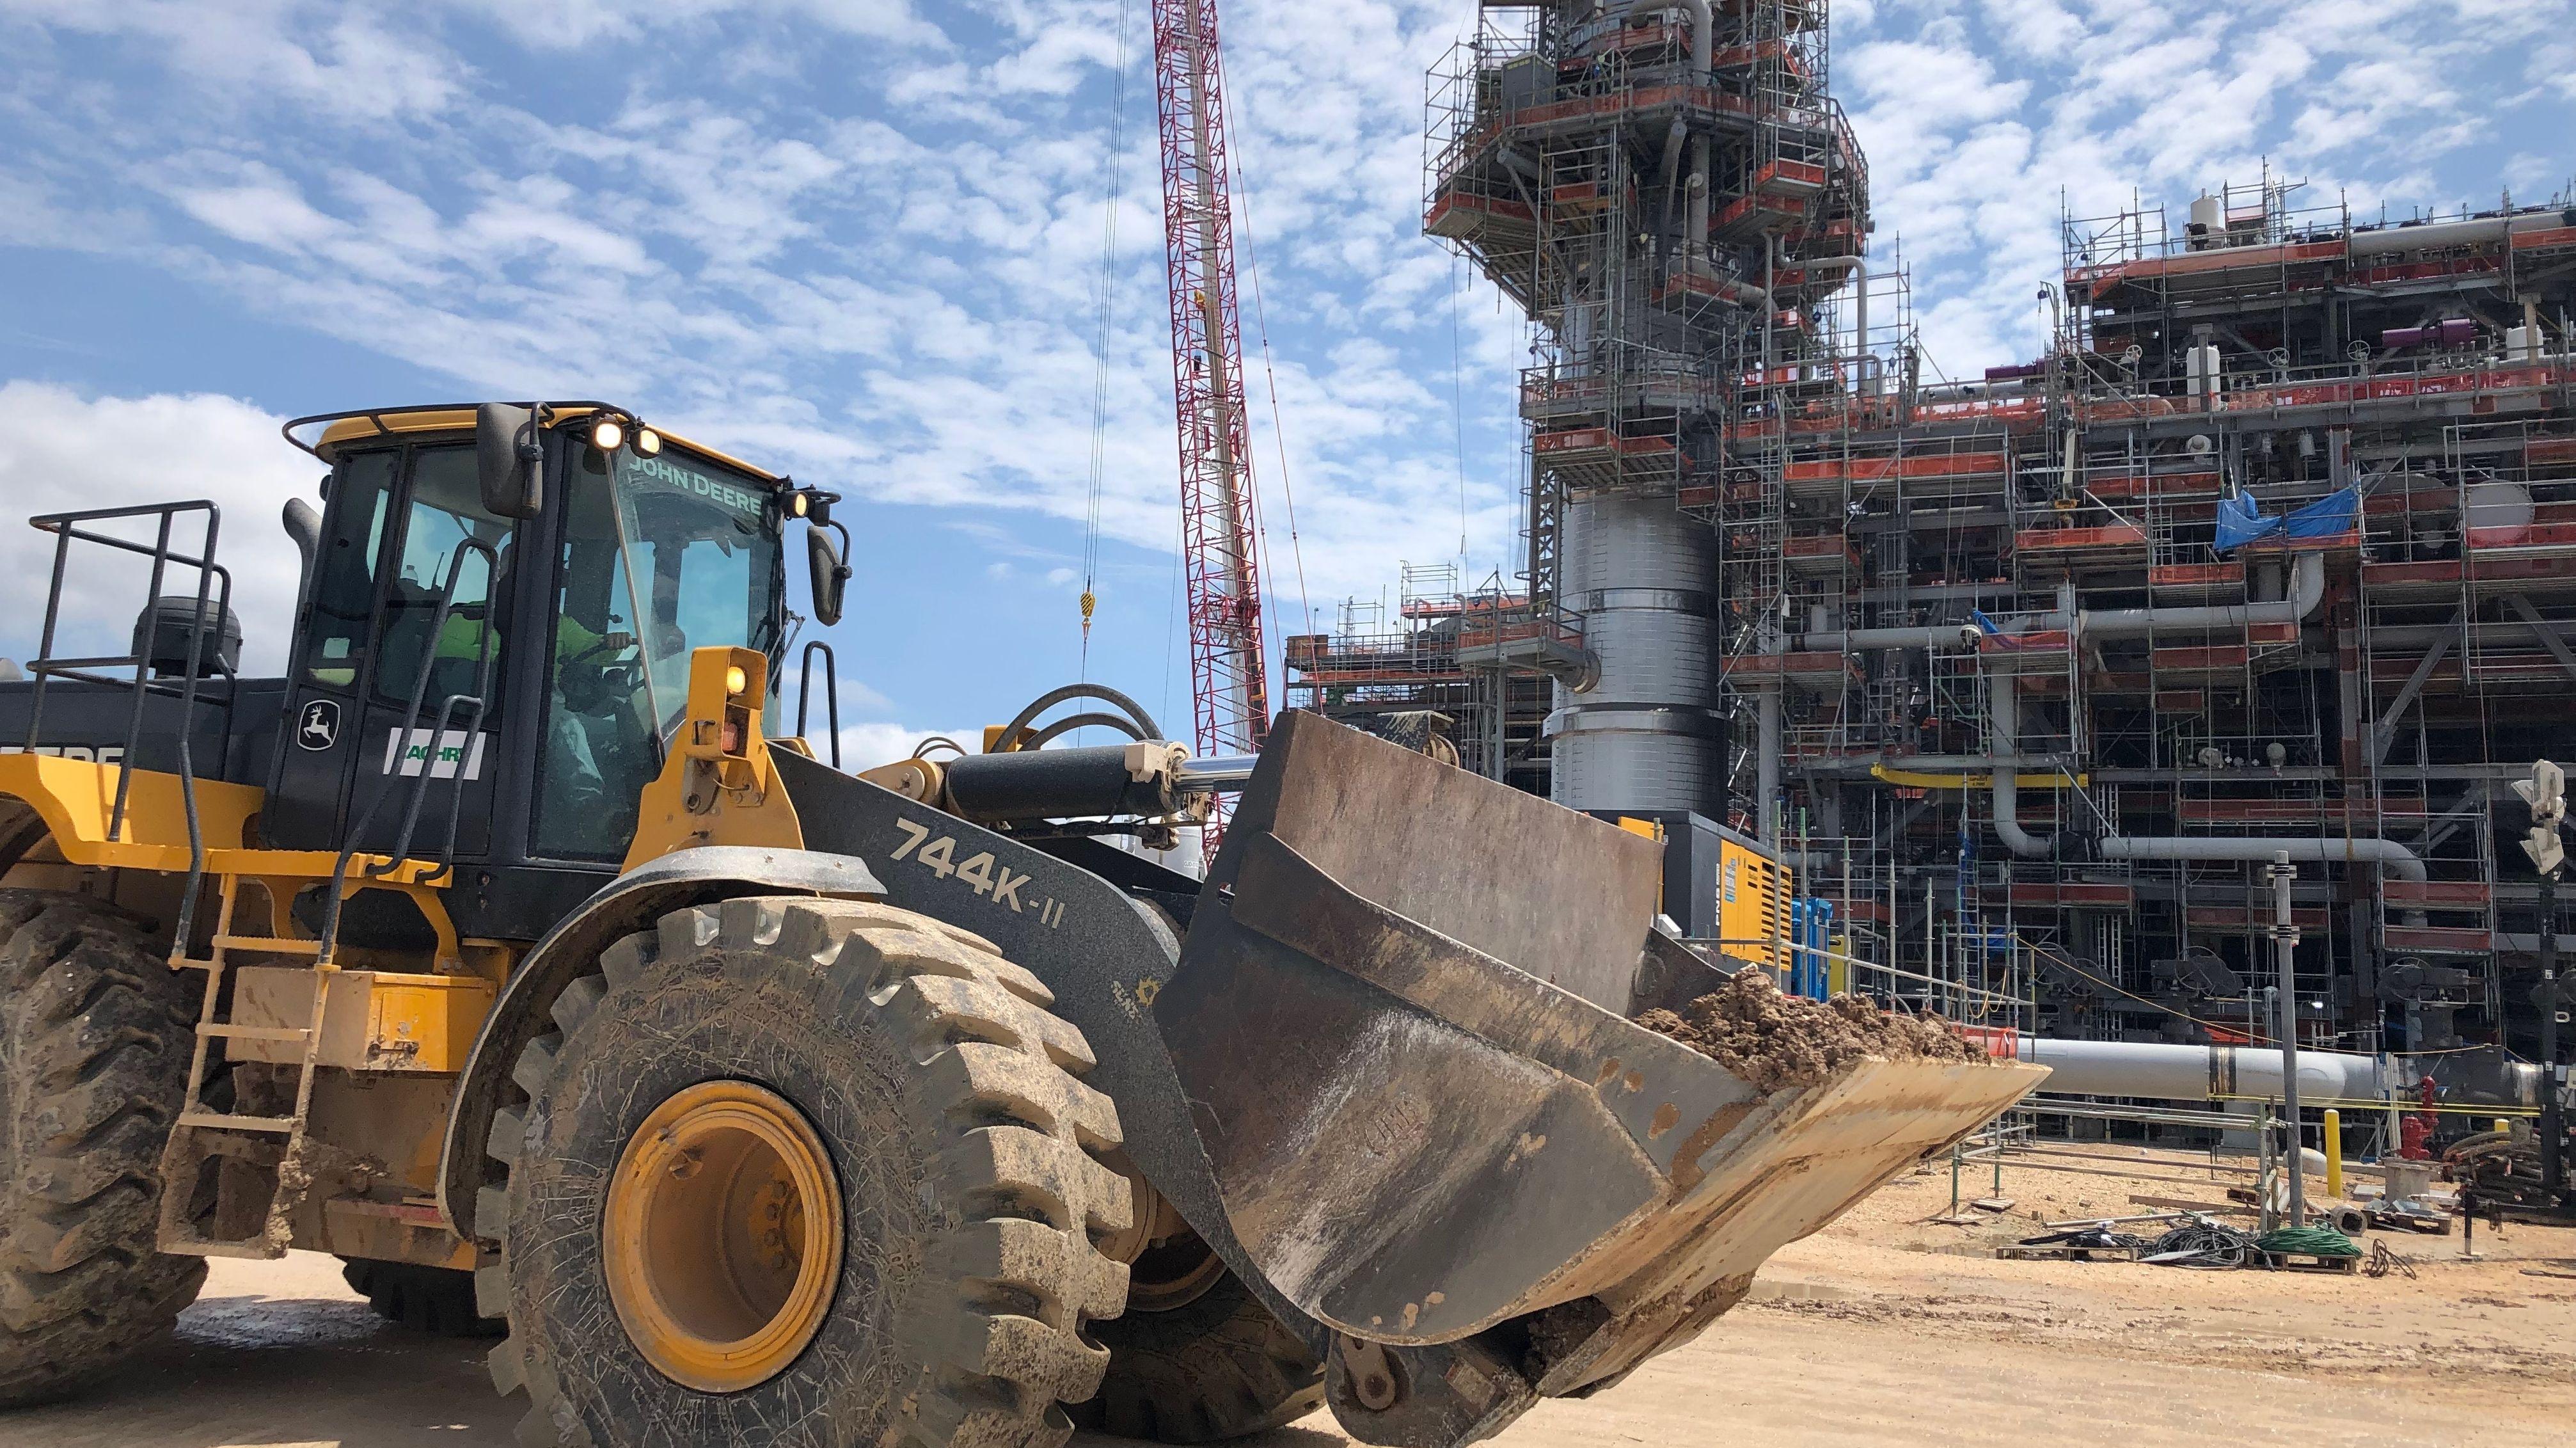 Bauarbeiten am Freeport LNG Terminal - hier entsteht eines der größten Flüssigerdgasterminals der Welt